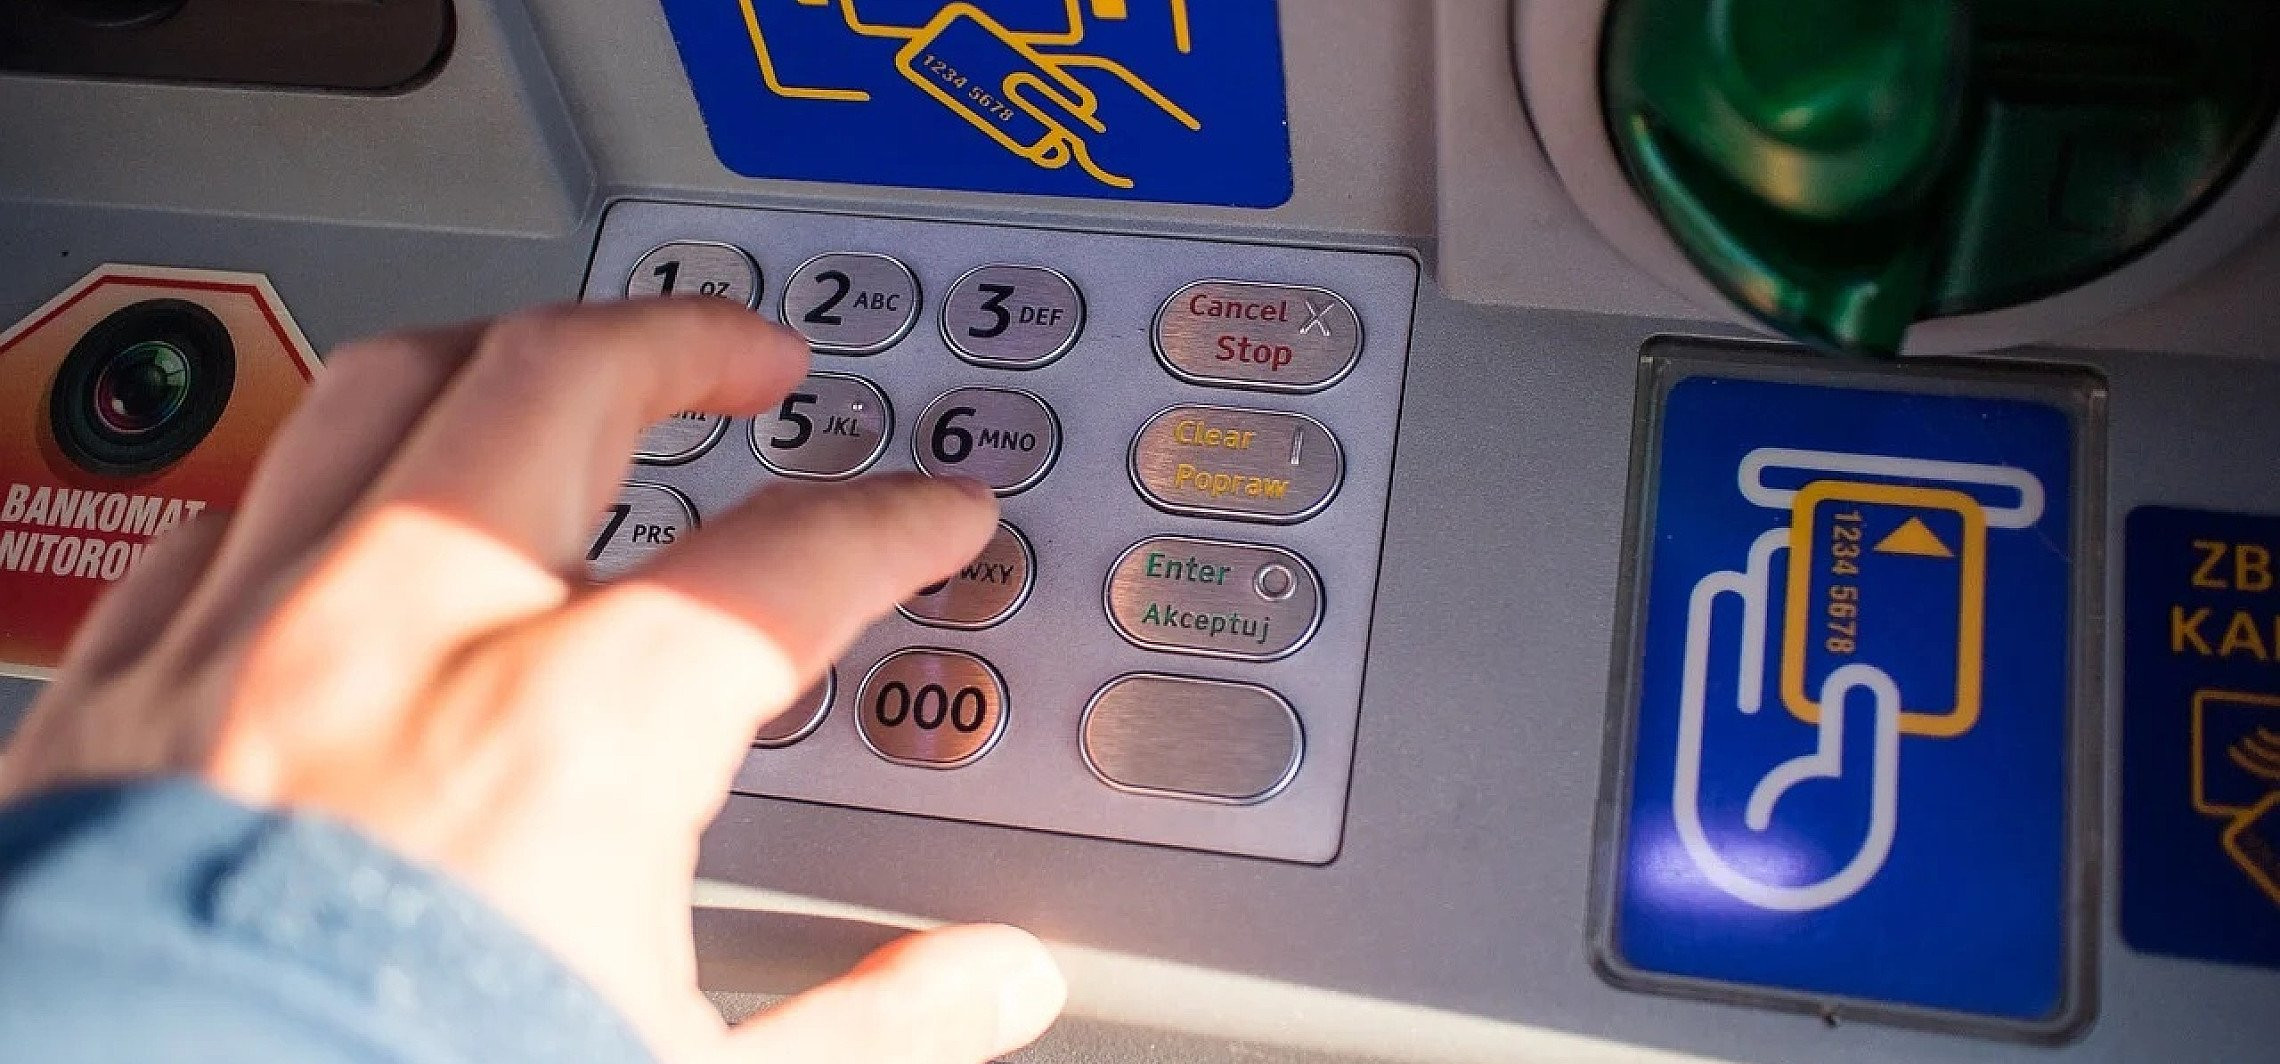 Kujawsko-Pomorskie - Stracili pieniądze metodą na BLIK-a. Jak tego uniknąć?